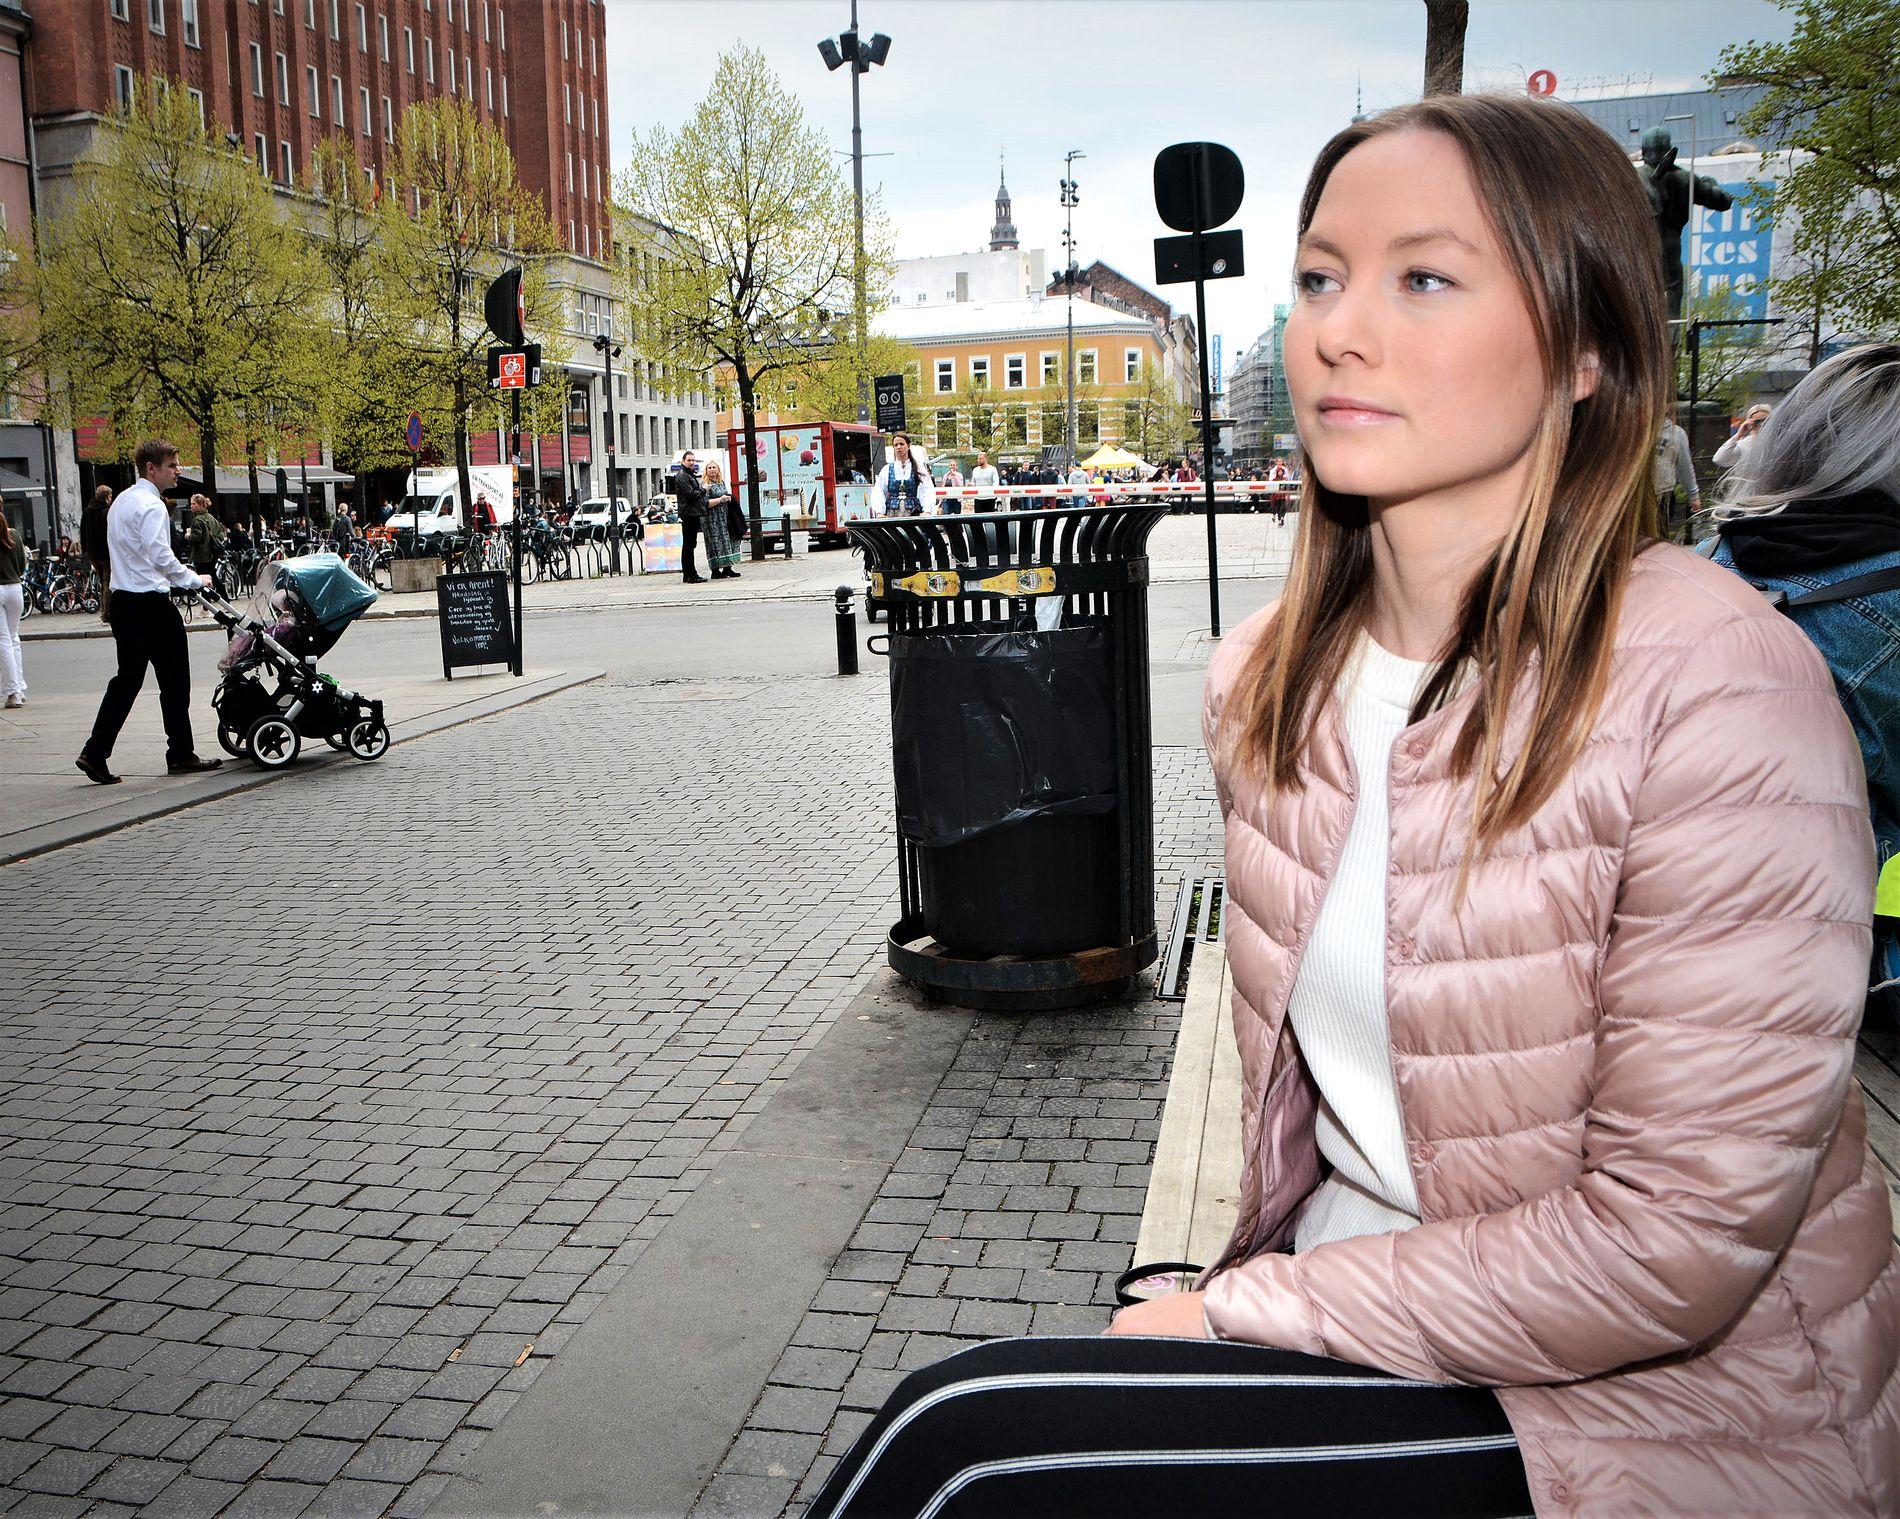 I STREIK: Ingrid Gulstuen Krogh vil fortest mulig tilbake på jobb. Men da må det komme endringer i turnusen, krever hun og kollegaene.